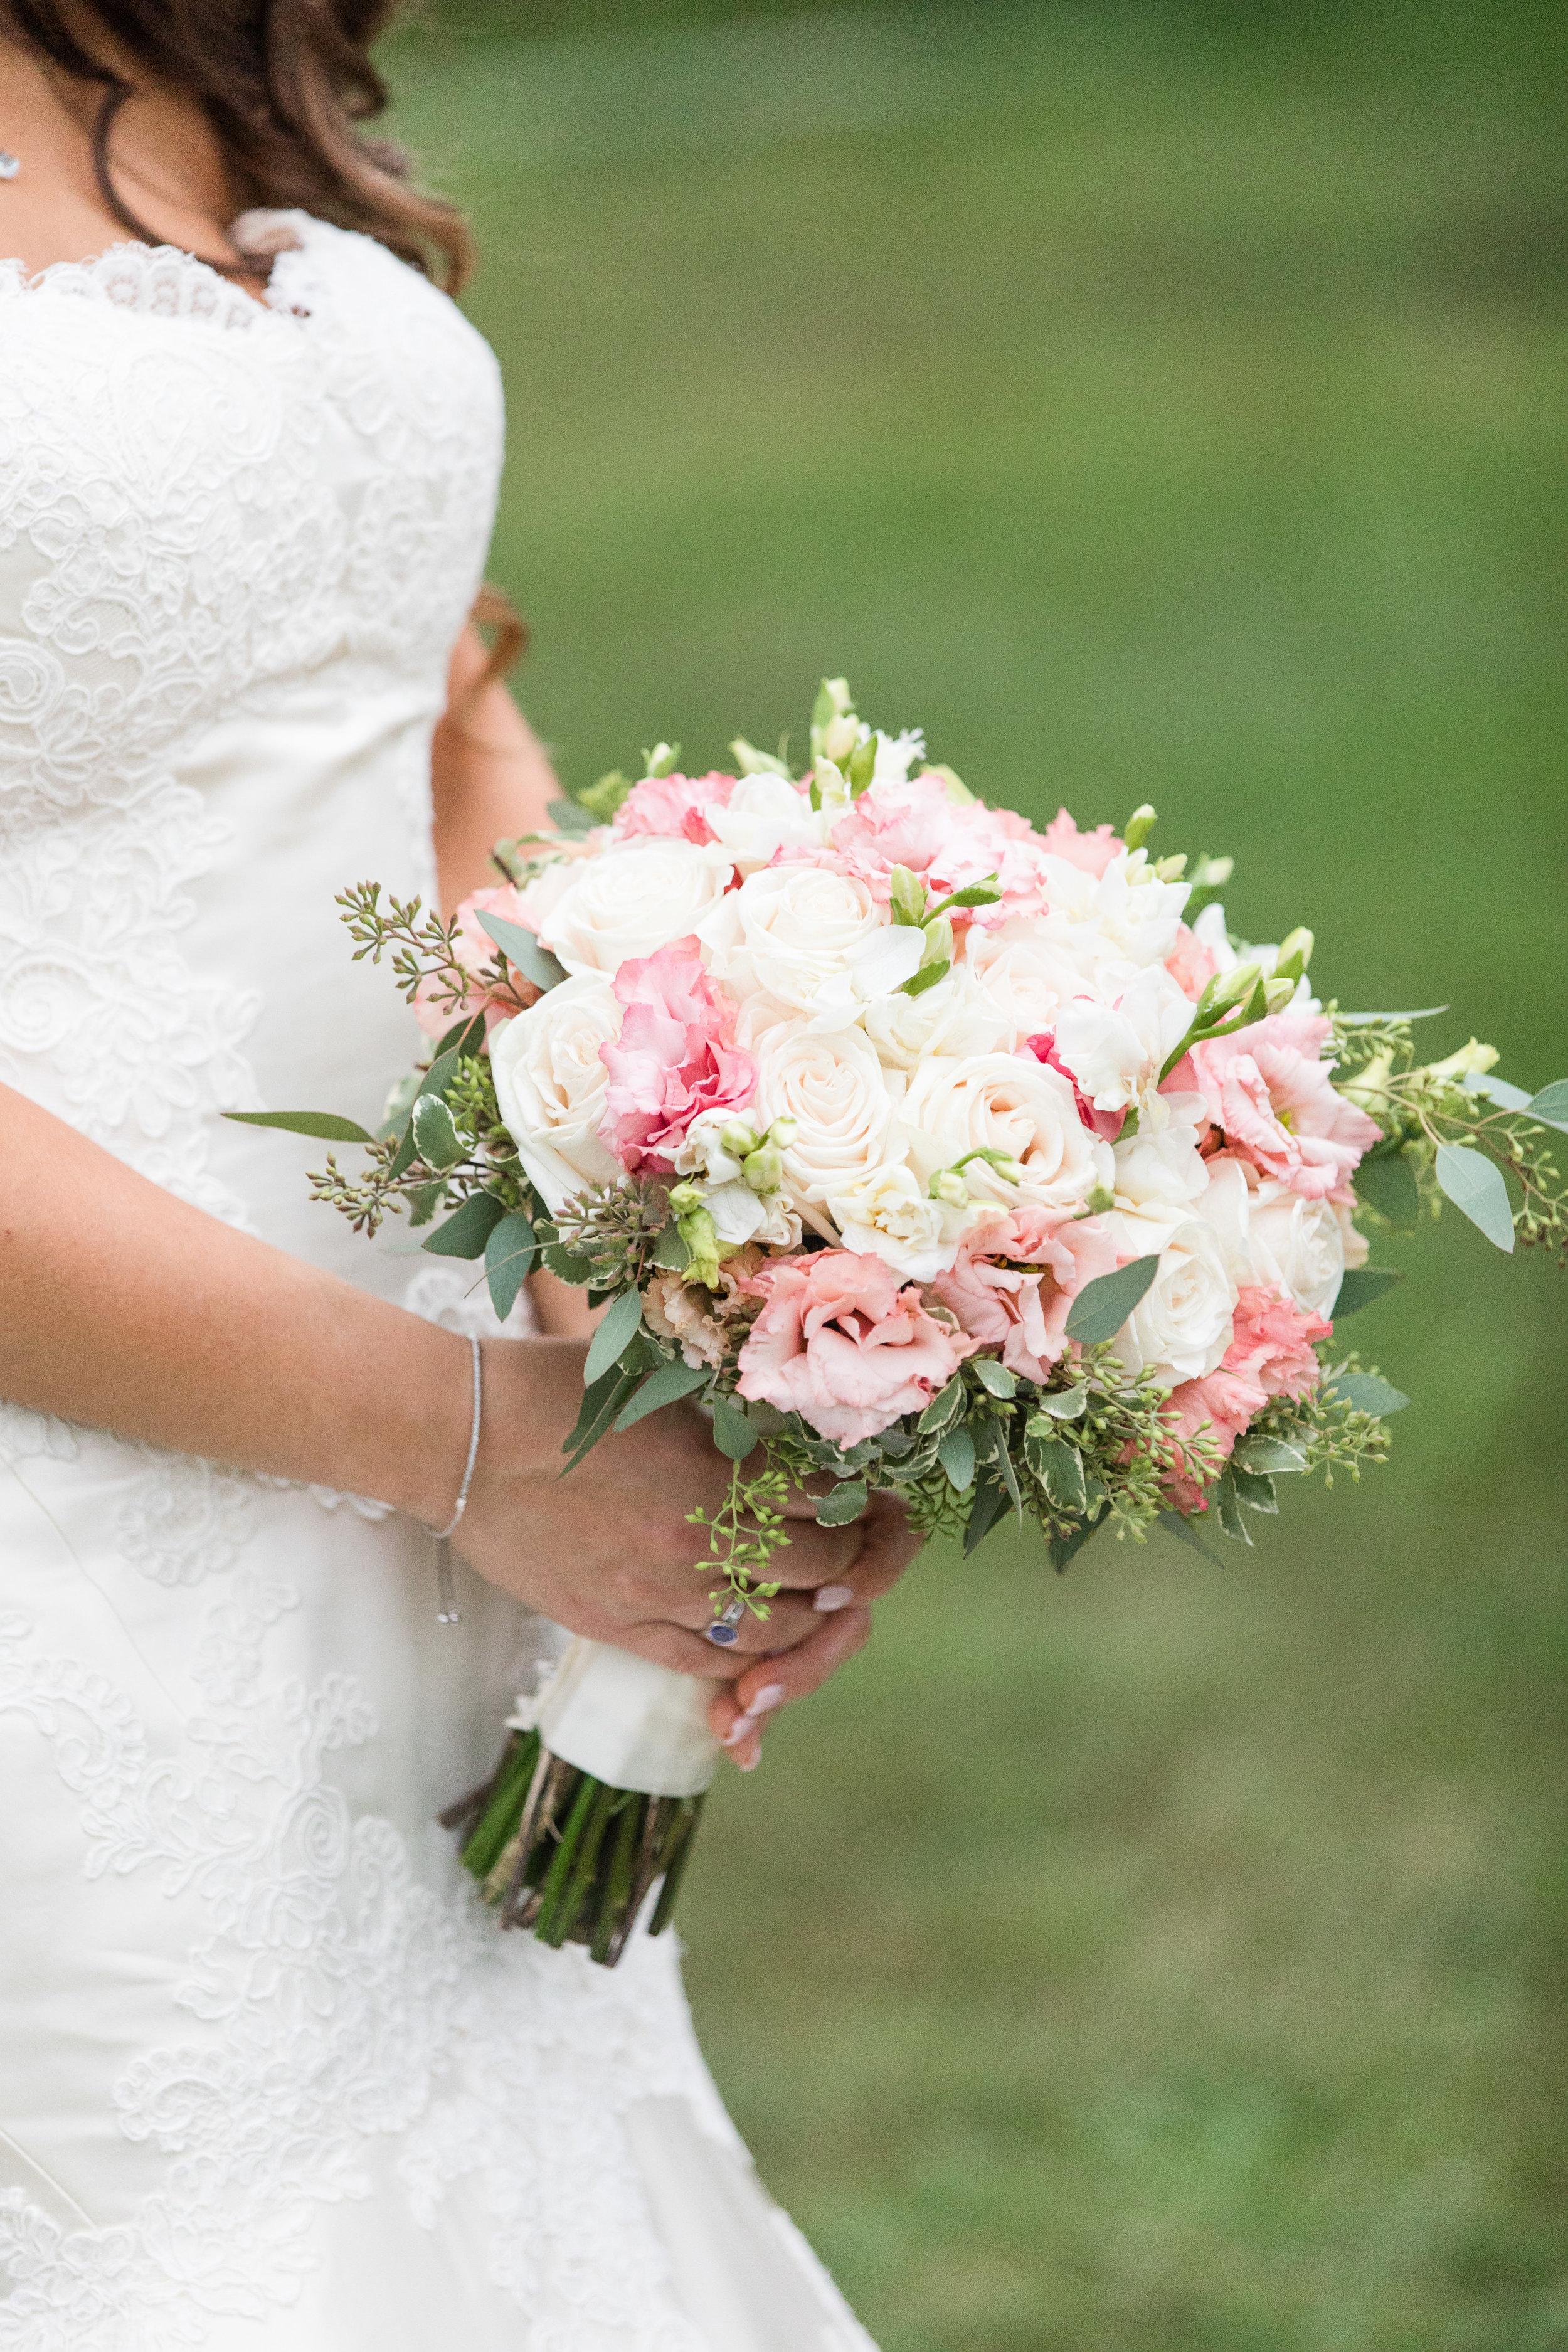 m2-floral-bouquets1.jpg